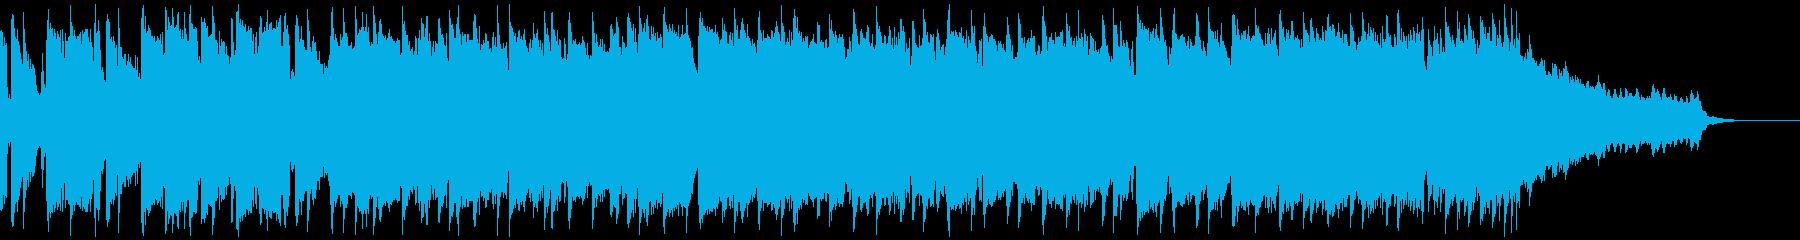 夏のリゾートにピッタリのサザンロックの再生済みの波形